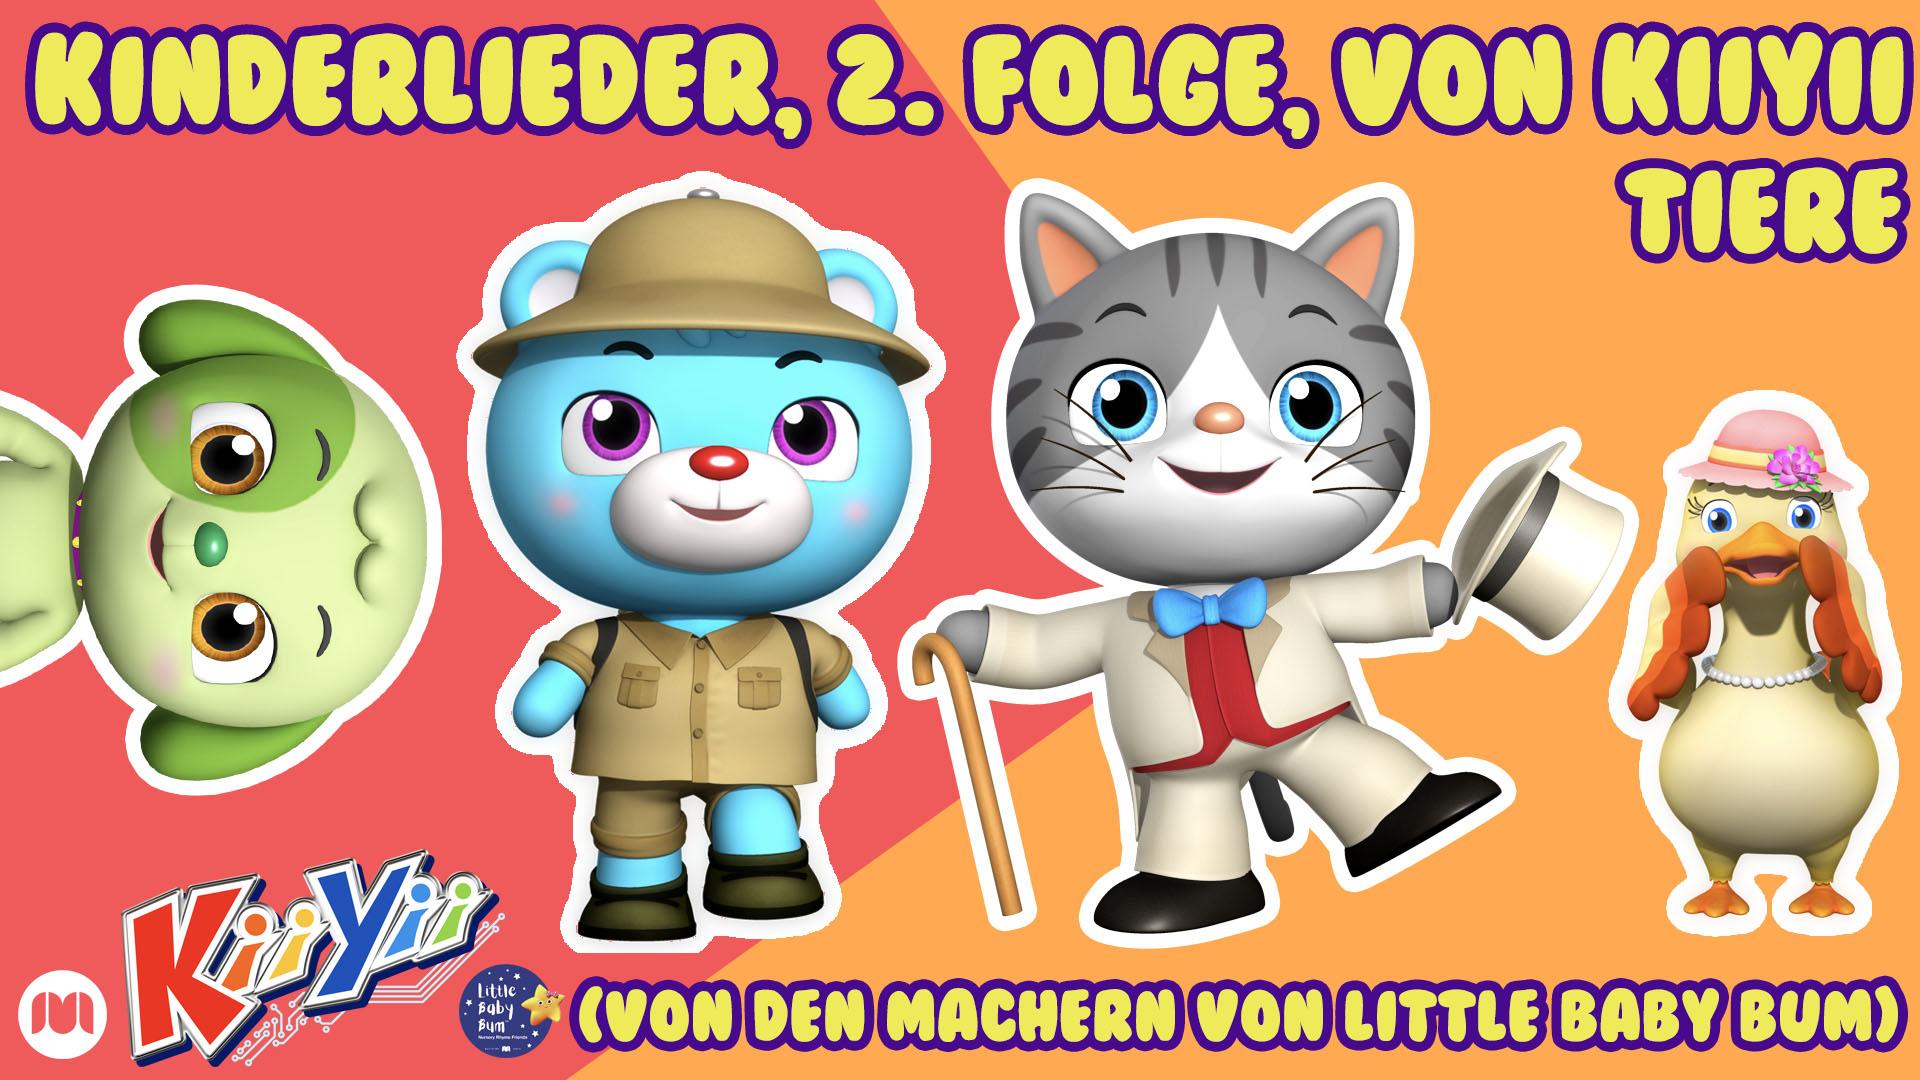 Kinderlieder, 2. Folge, von KiiYii - Tiere (Von den Machern von Little Baby Bum)